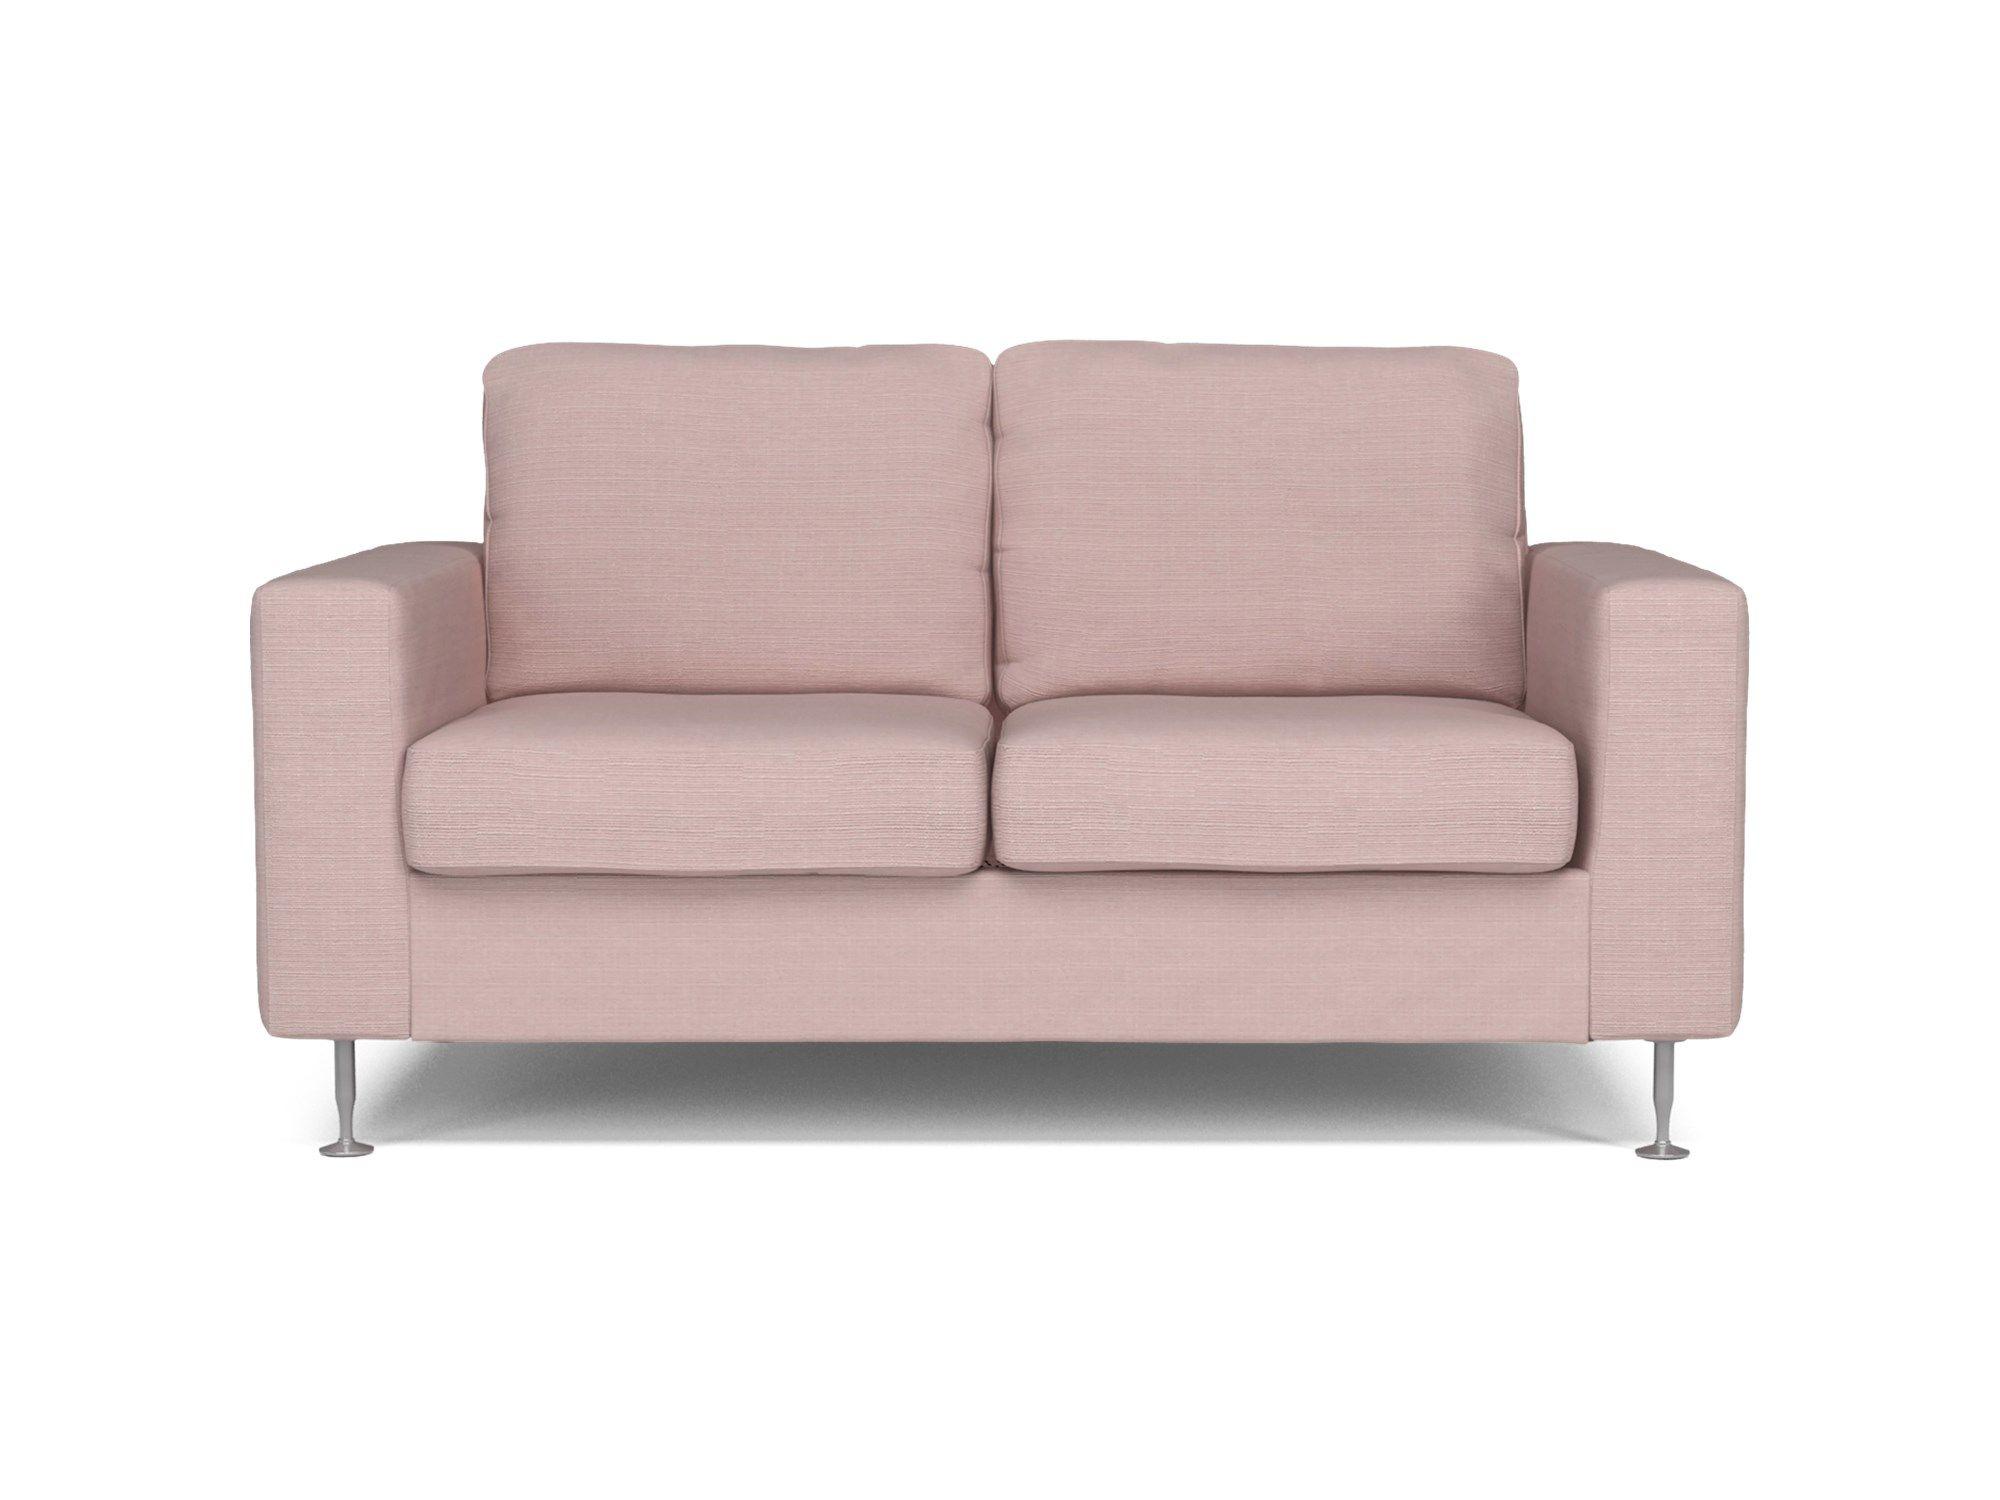 the sofa Home